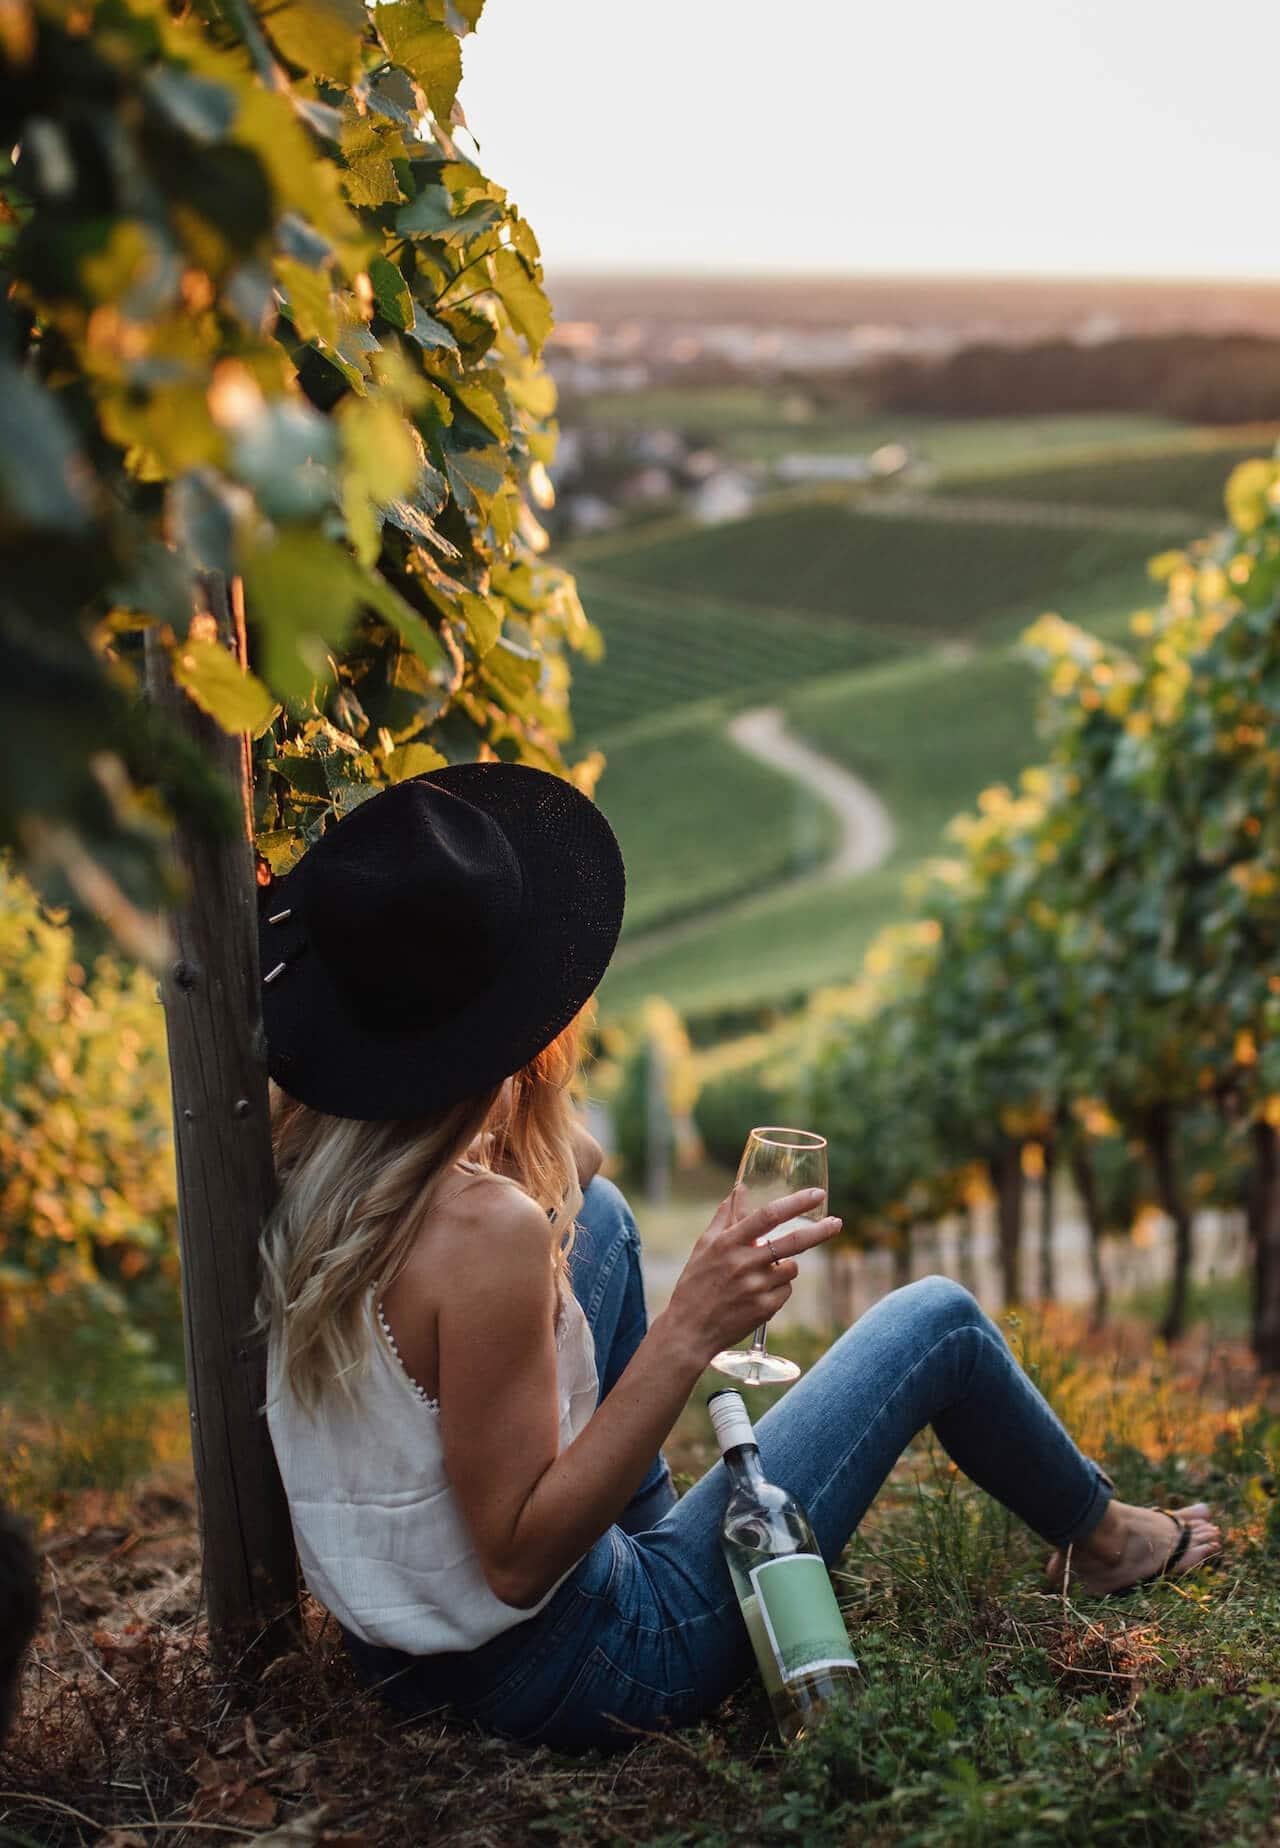 Vinho sem enochatice - cursos de vinho em SP